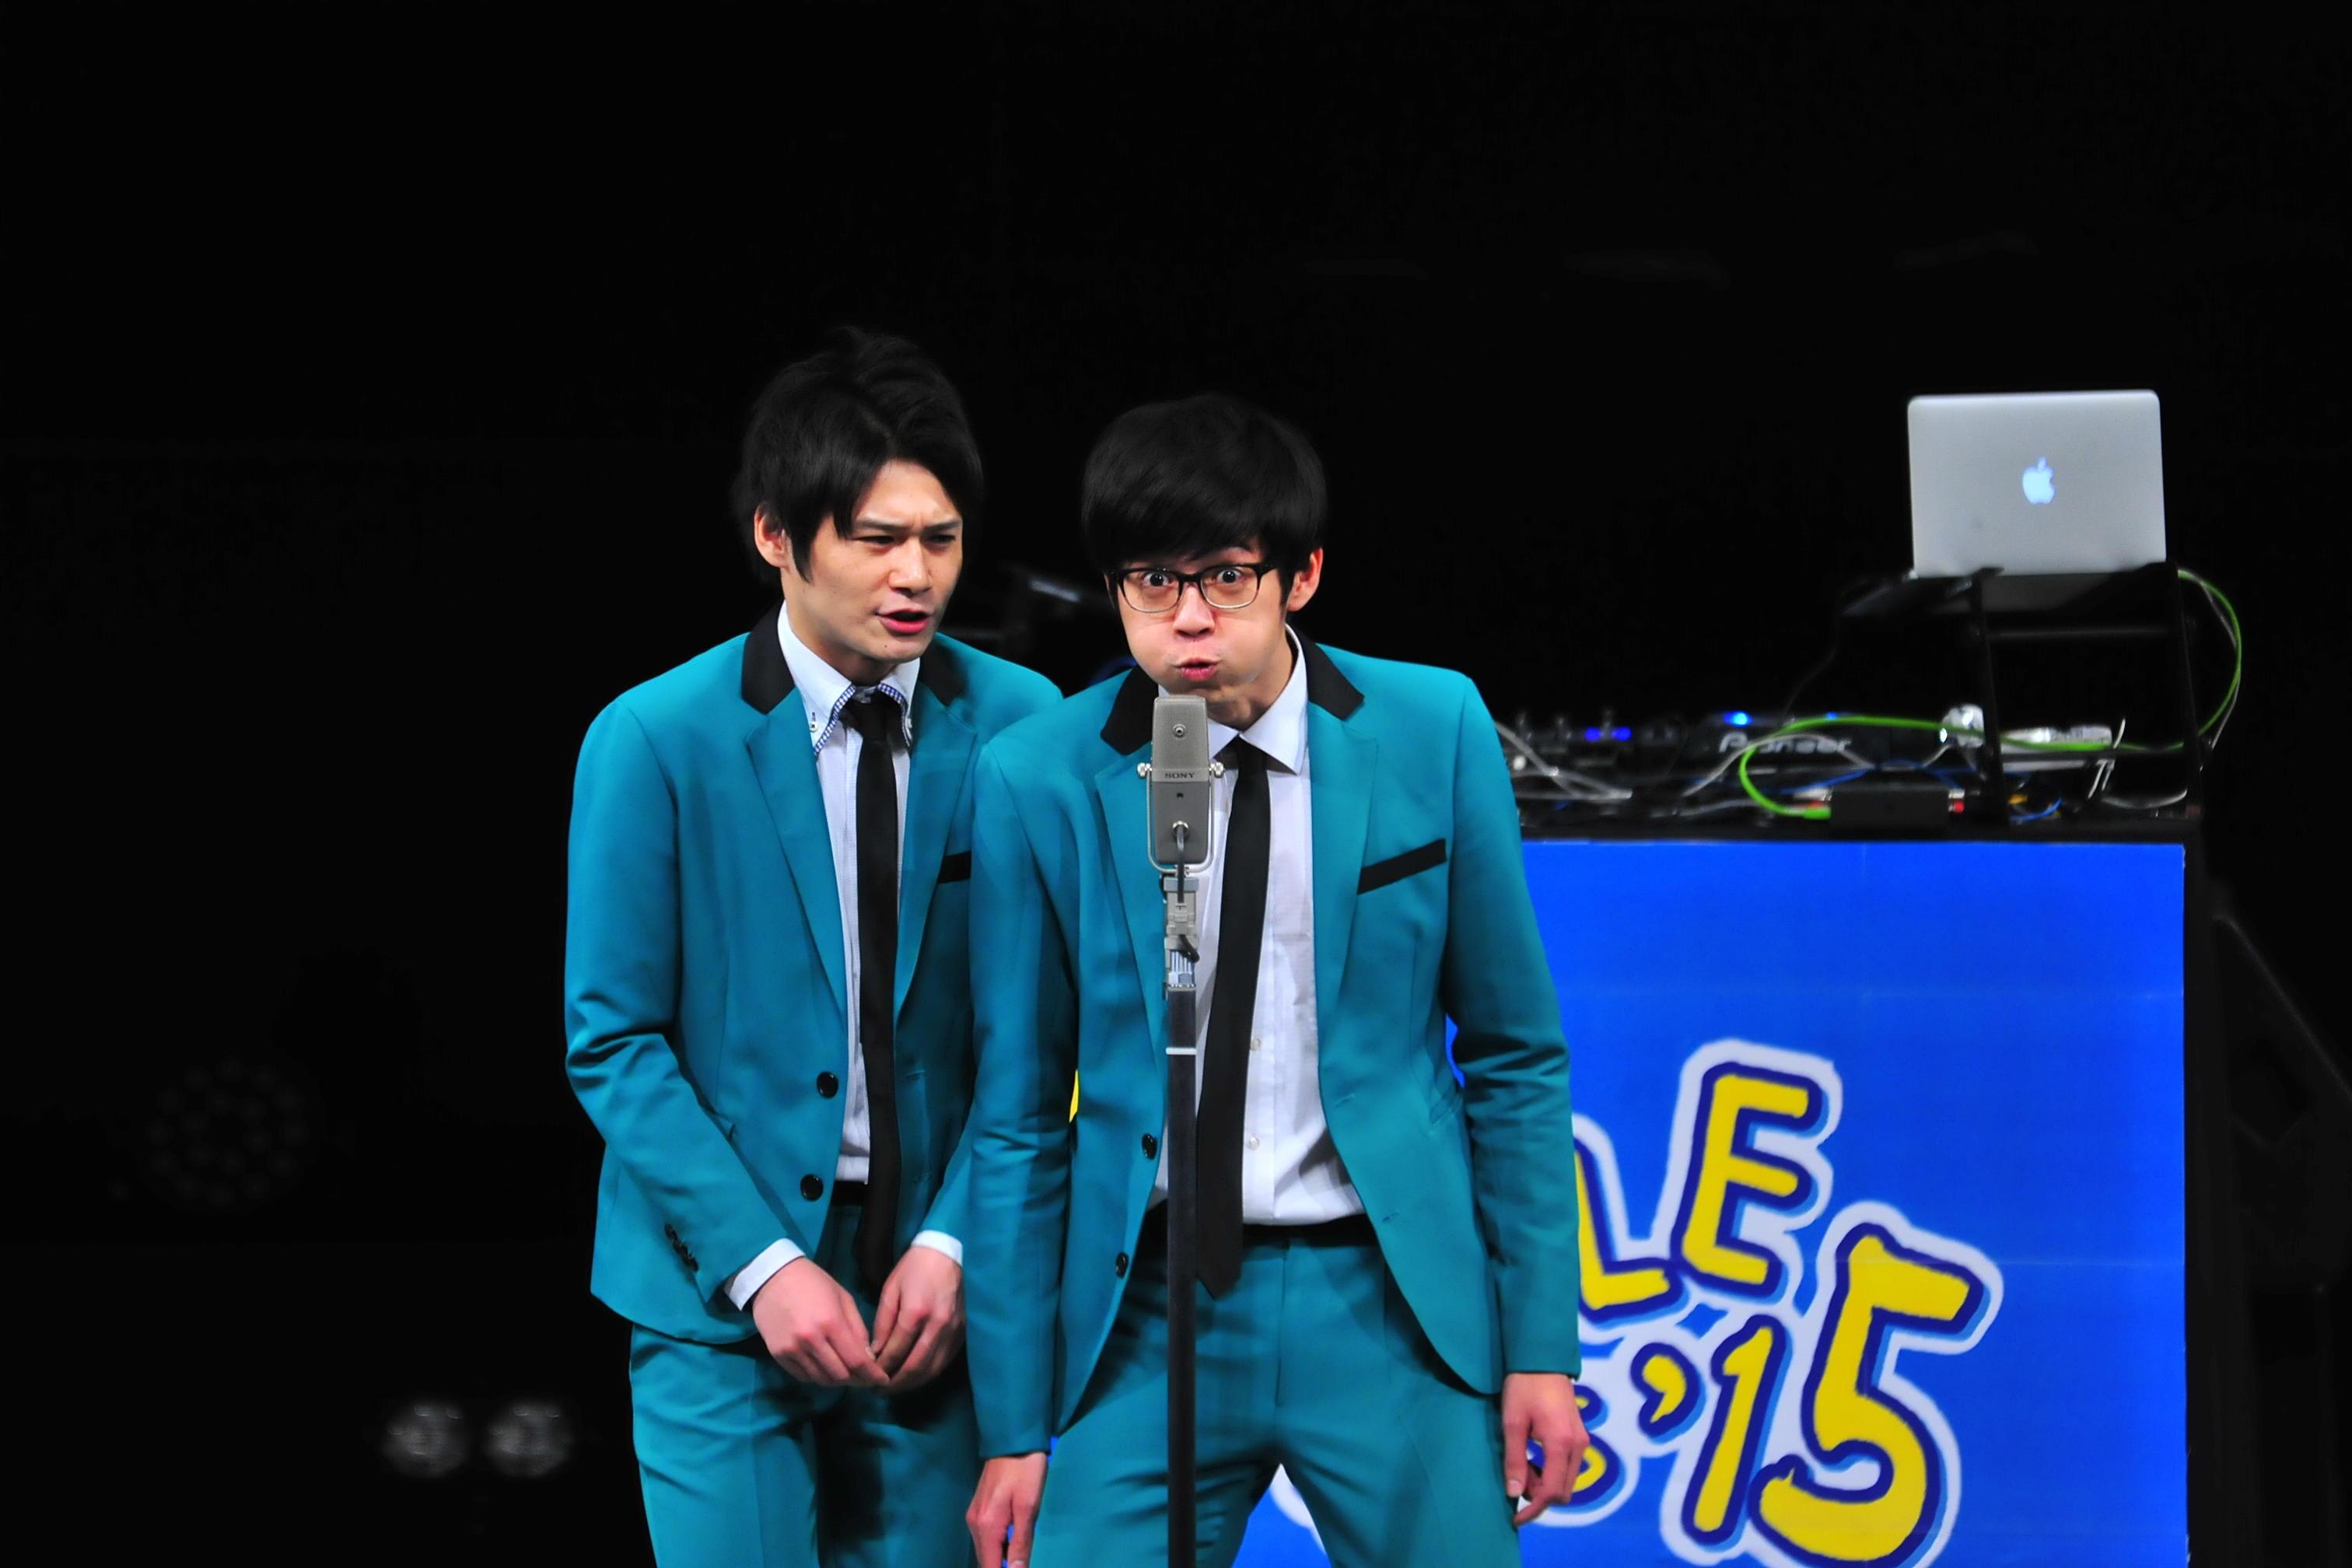 http://news.yoshimoto.co.jp/20151231135406-4d0f00c65969a8ade49d5ea0bcc3fc0193649667.jpg